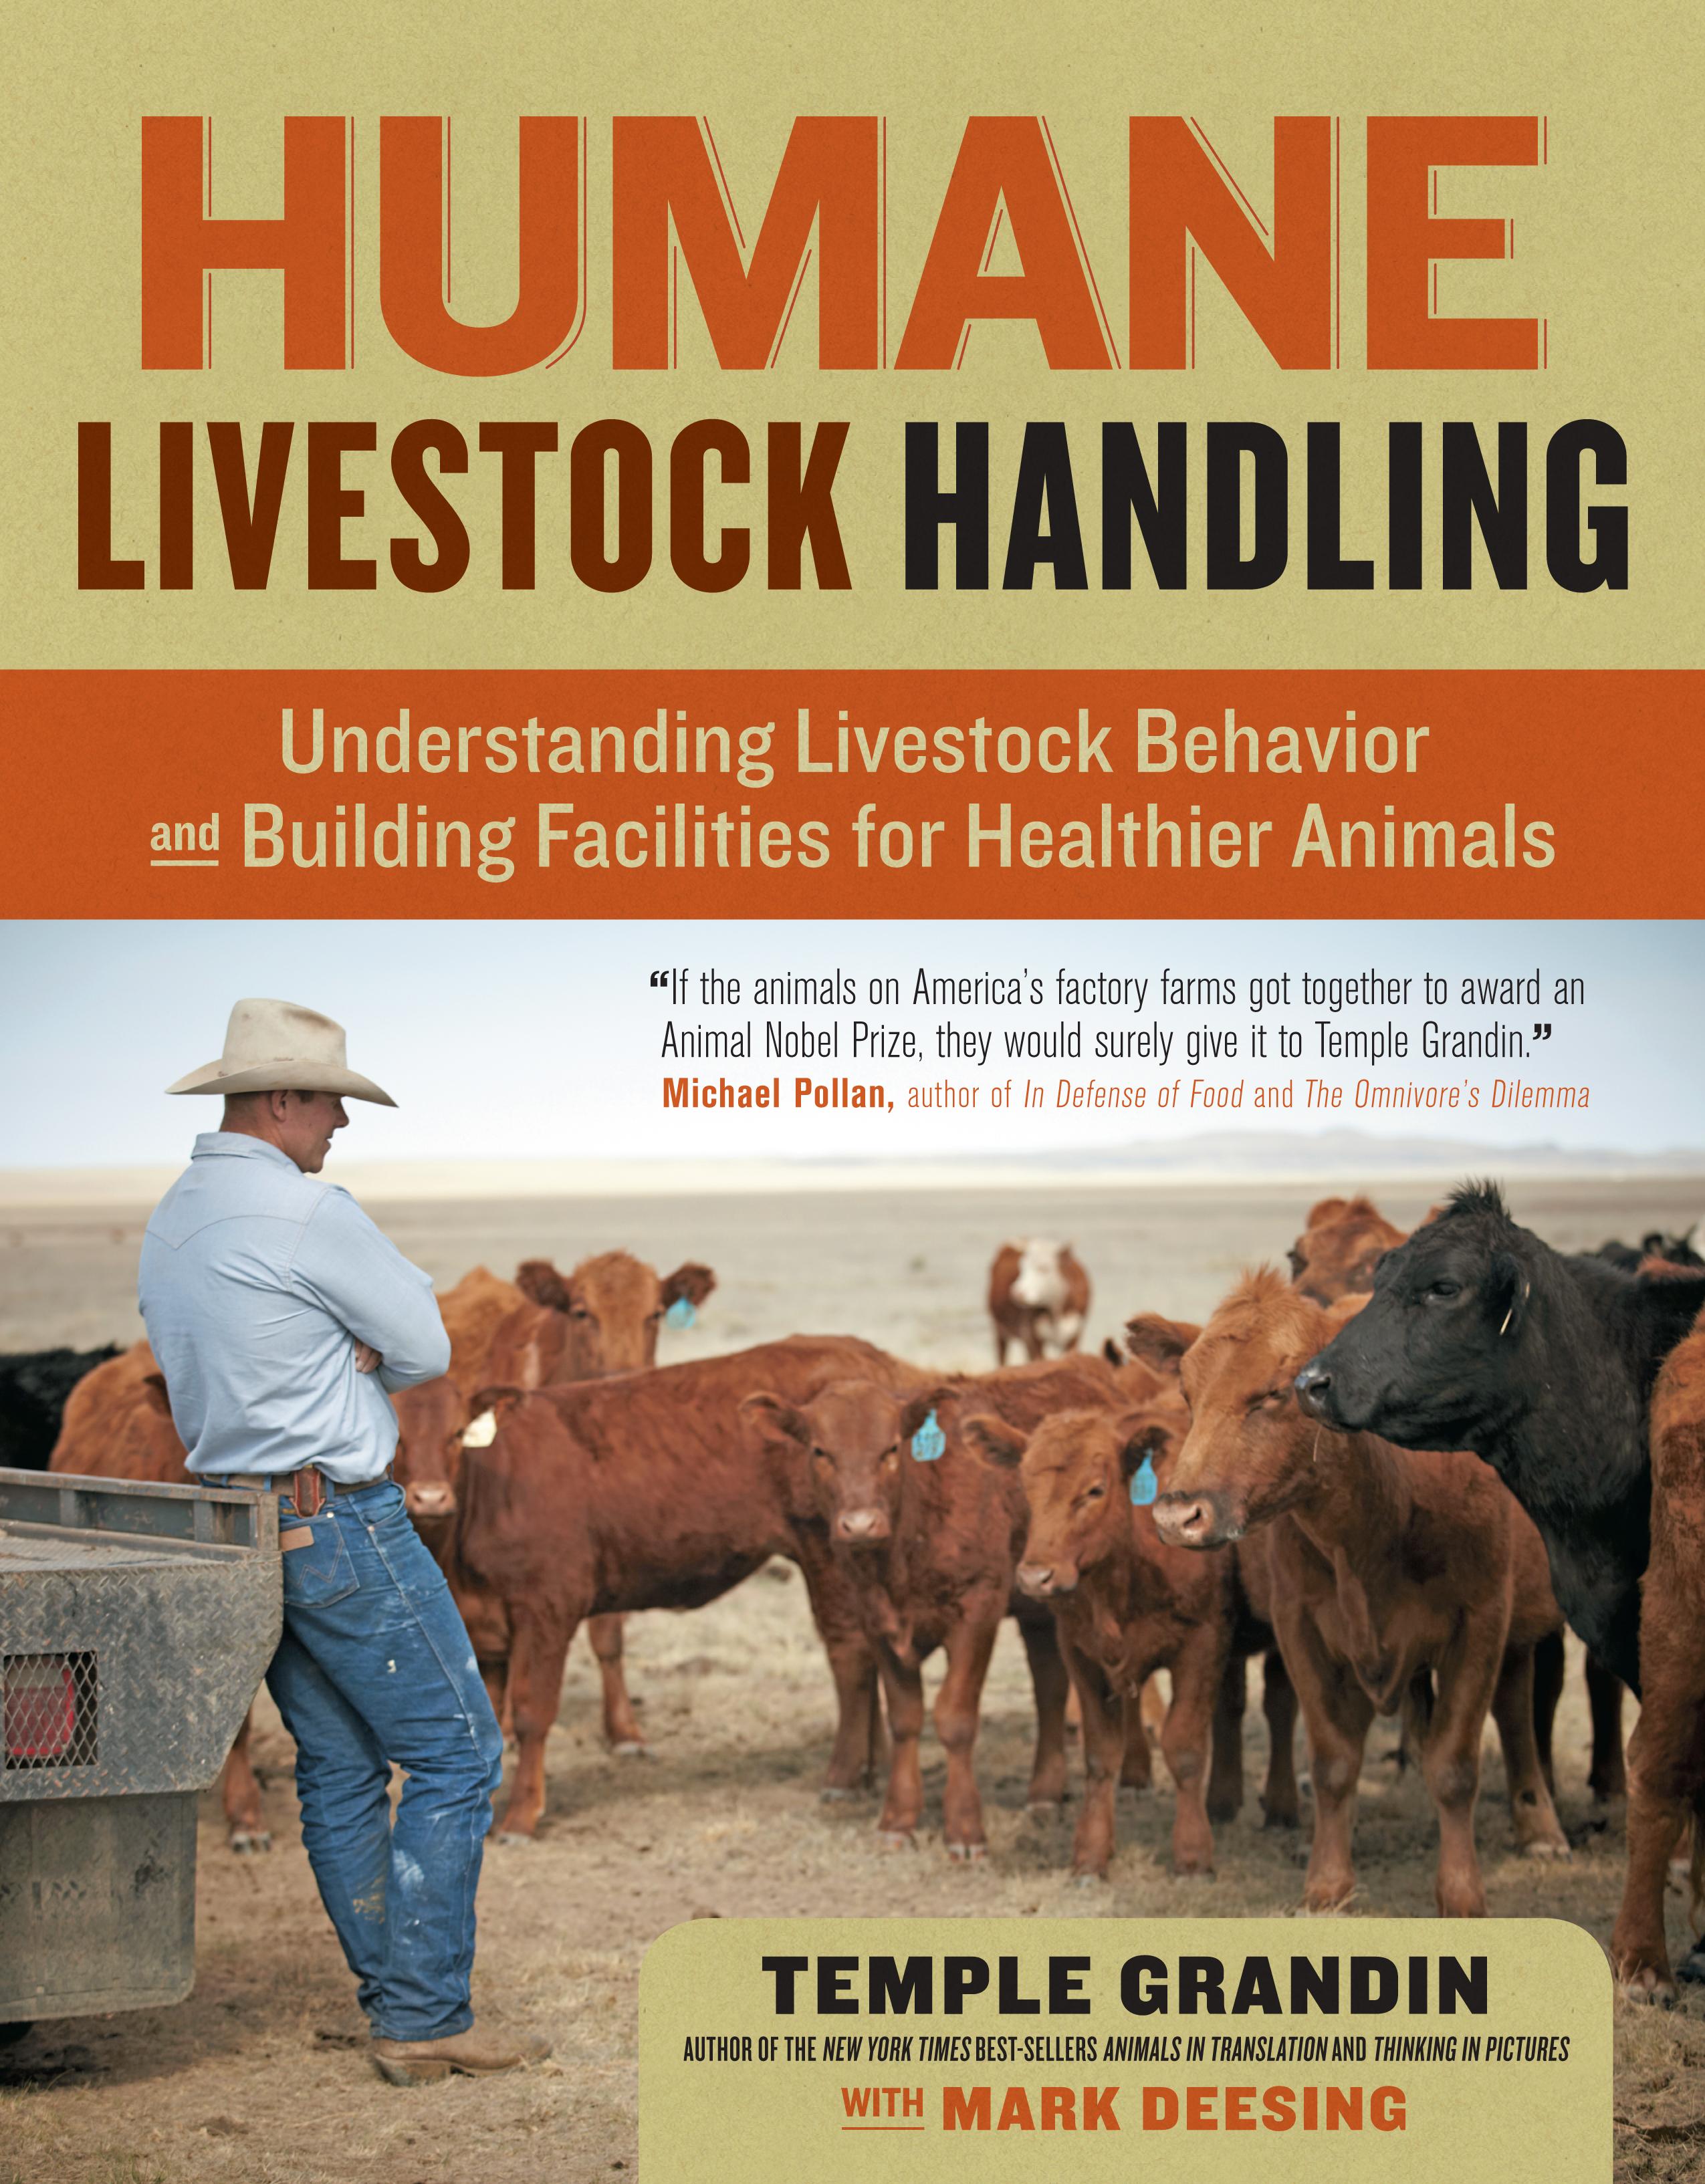 Humane Livestock Handling Understanding livestock behavior and building facilities for healthier animals - Temple Grandin